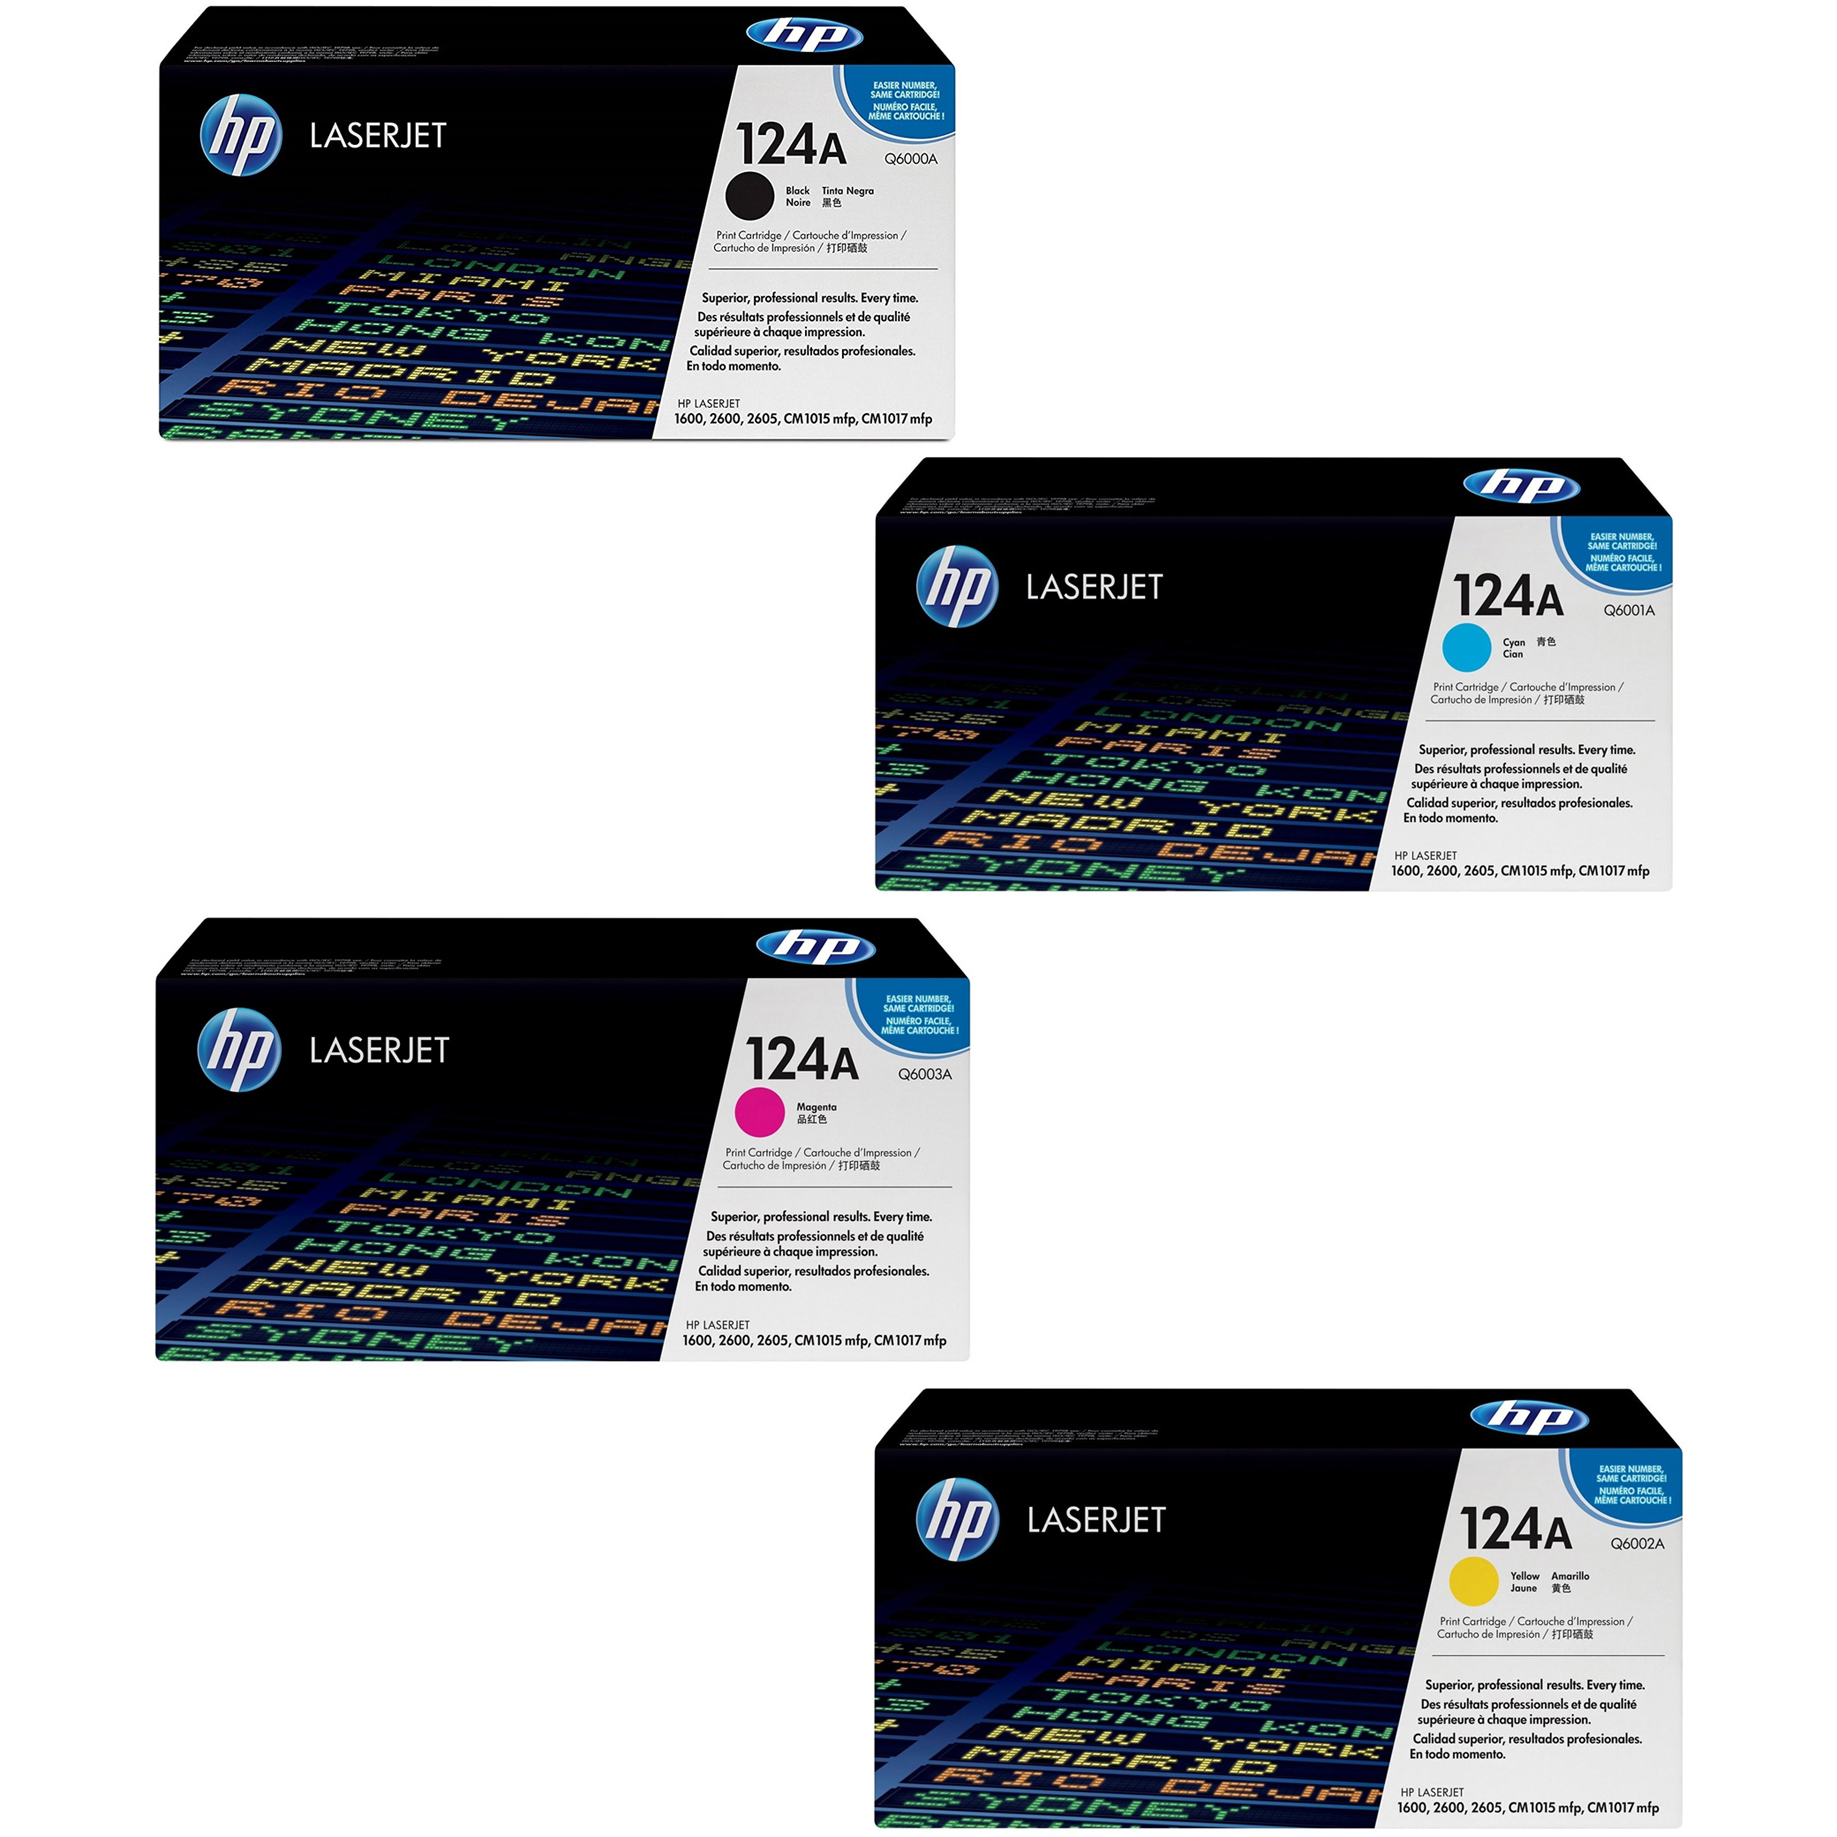 Original HP 124A CMYK Multipack Toner Cartridges (Q6000A/ Q6001A/ Q6002A/ Q6003A)